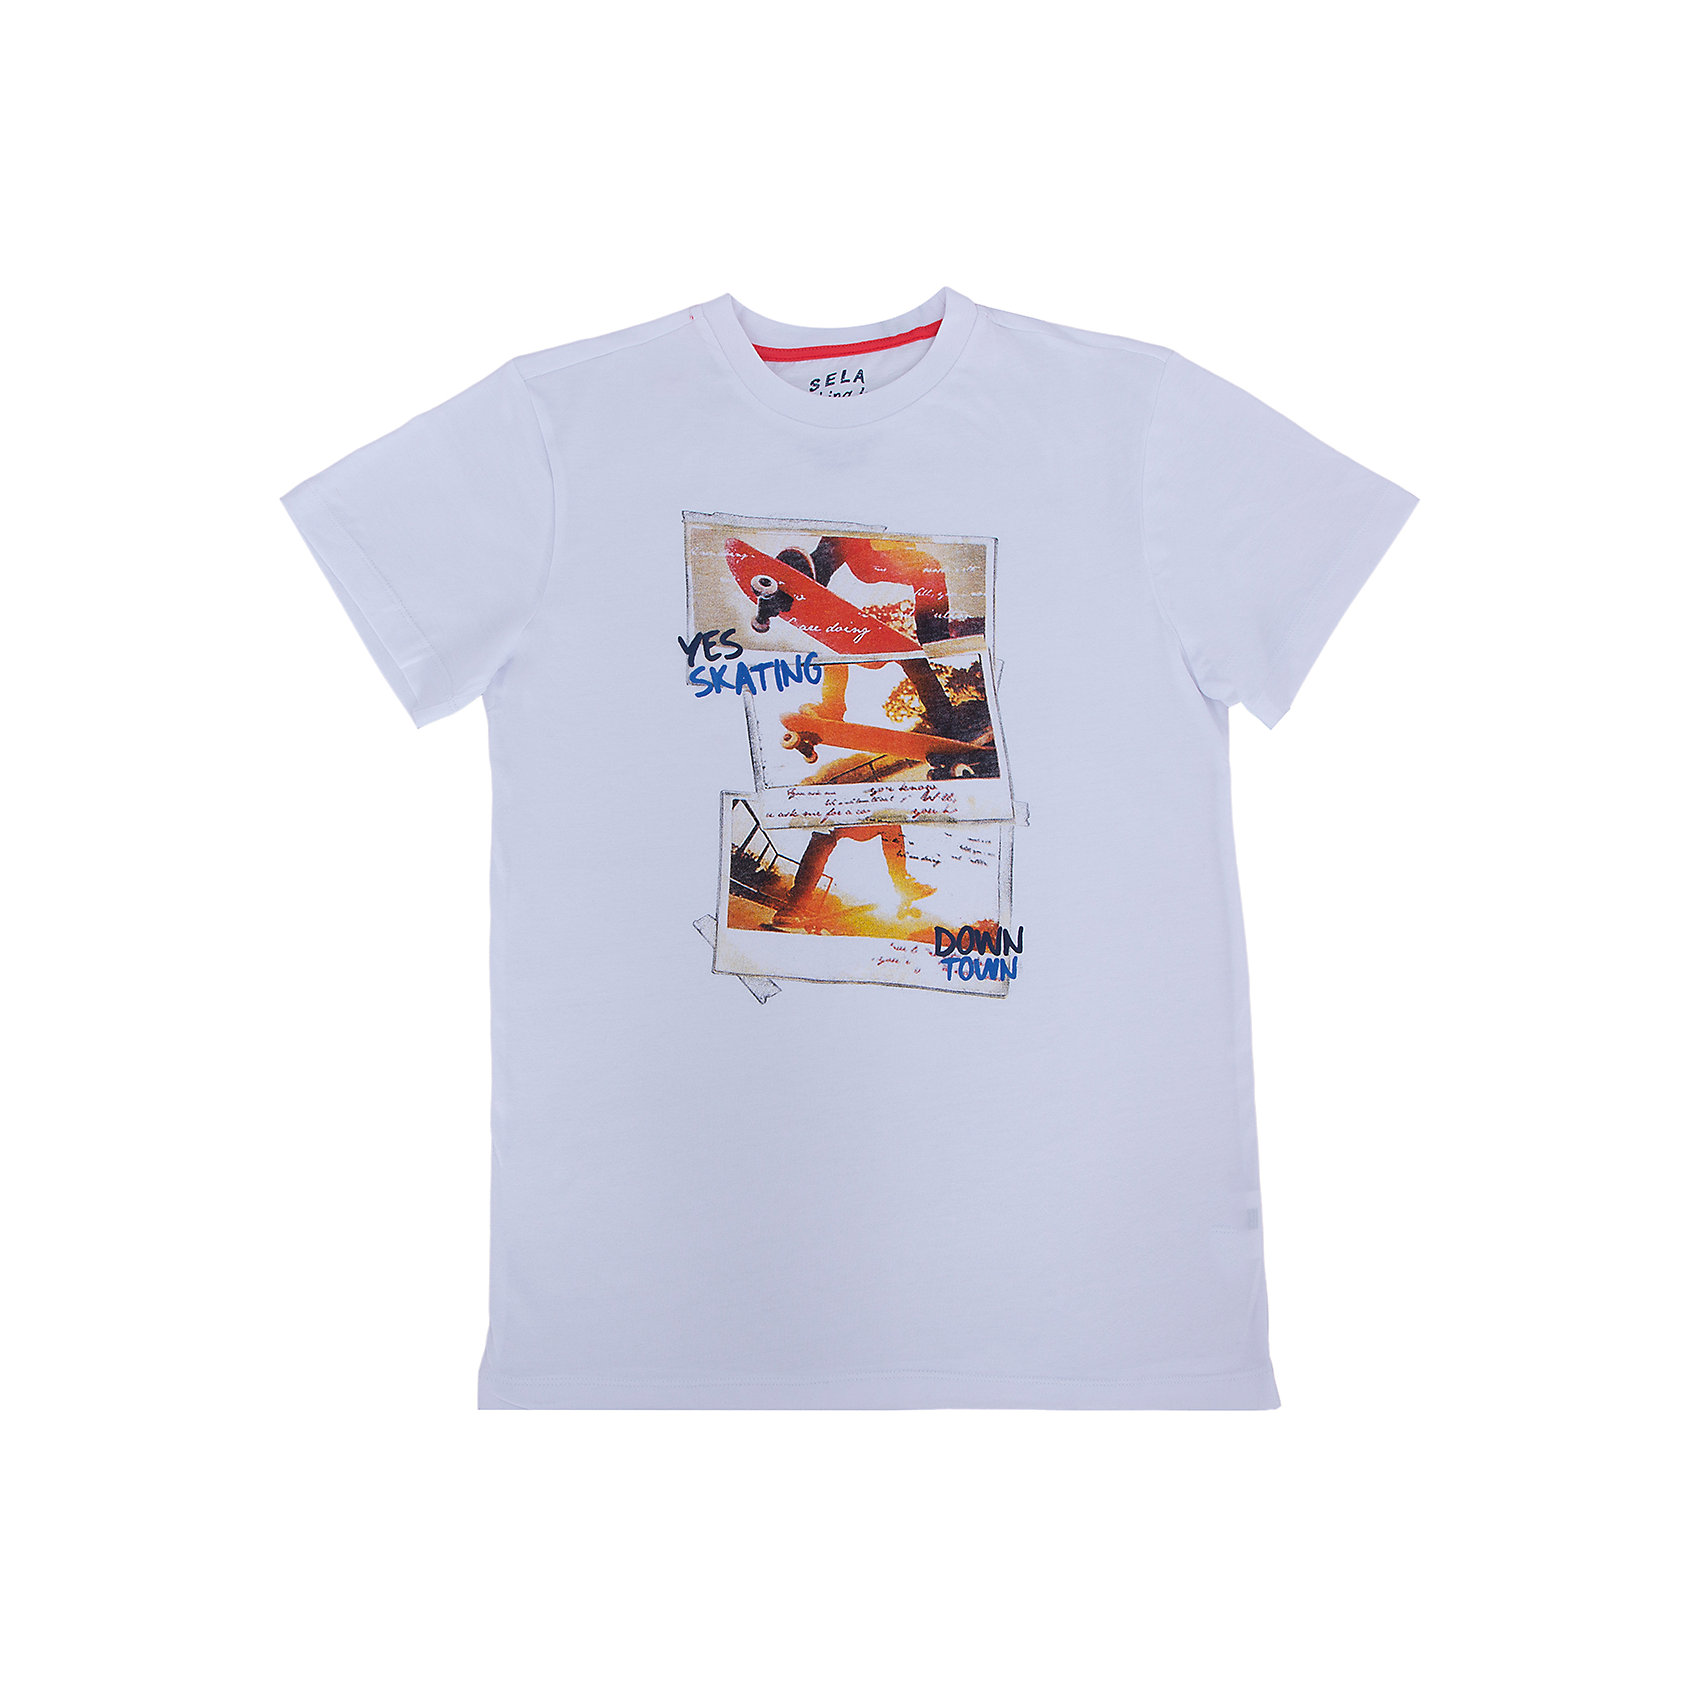 Футболка для мальчика SELAФутболки, поло и топы<br>Модная футболка от известной марки SELА поможет разнообразить летний гардероб мальчика, создать легкий подходящий погоде ансамбль. Удобный крой и качественный материал обеспечат ребенку комфорт при ношении этой вещи. <br>На горловине изделия - мягкая окантовка. Материал - натуральный хлопок, дышащий и гипоаллергенный. Футболка декорирована модным принтом.<br><br>Дополнительная информация:<br><br>материал: 100% хлопок;<br>цвет: белый;<br>декорирована принтом;<br>короткие рукава;<br>круглый горловой вырез;<br>уход за изделием: стирка в машине при температуре до 30°С, не отбеливать, гладить при низкой температуре.<br><br>Футболку от бренда SELА (Села) можно купить в нашем магазине.<br><br>Ширина мм: 230<br>Глубина мм: 40<br>Высота мм: 220<br>Вес г: 250<br>Цвет: белый<br>Возраст от месяцев: 132<br>Возраст до месяцев: 144<br>Пол: Мужской<br>Возраст: Детский<br>Размер: 152,116,122,128,134,140,146<br>SKU: 4741263